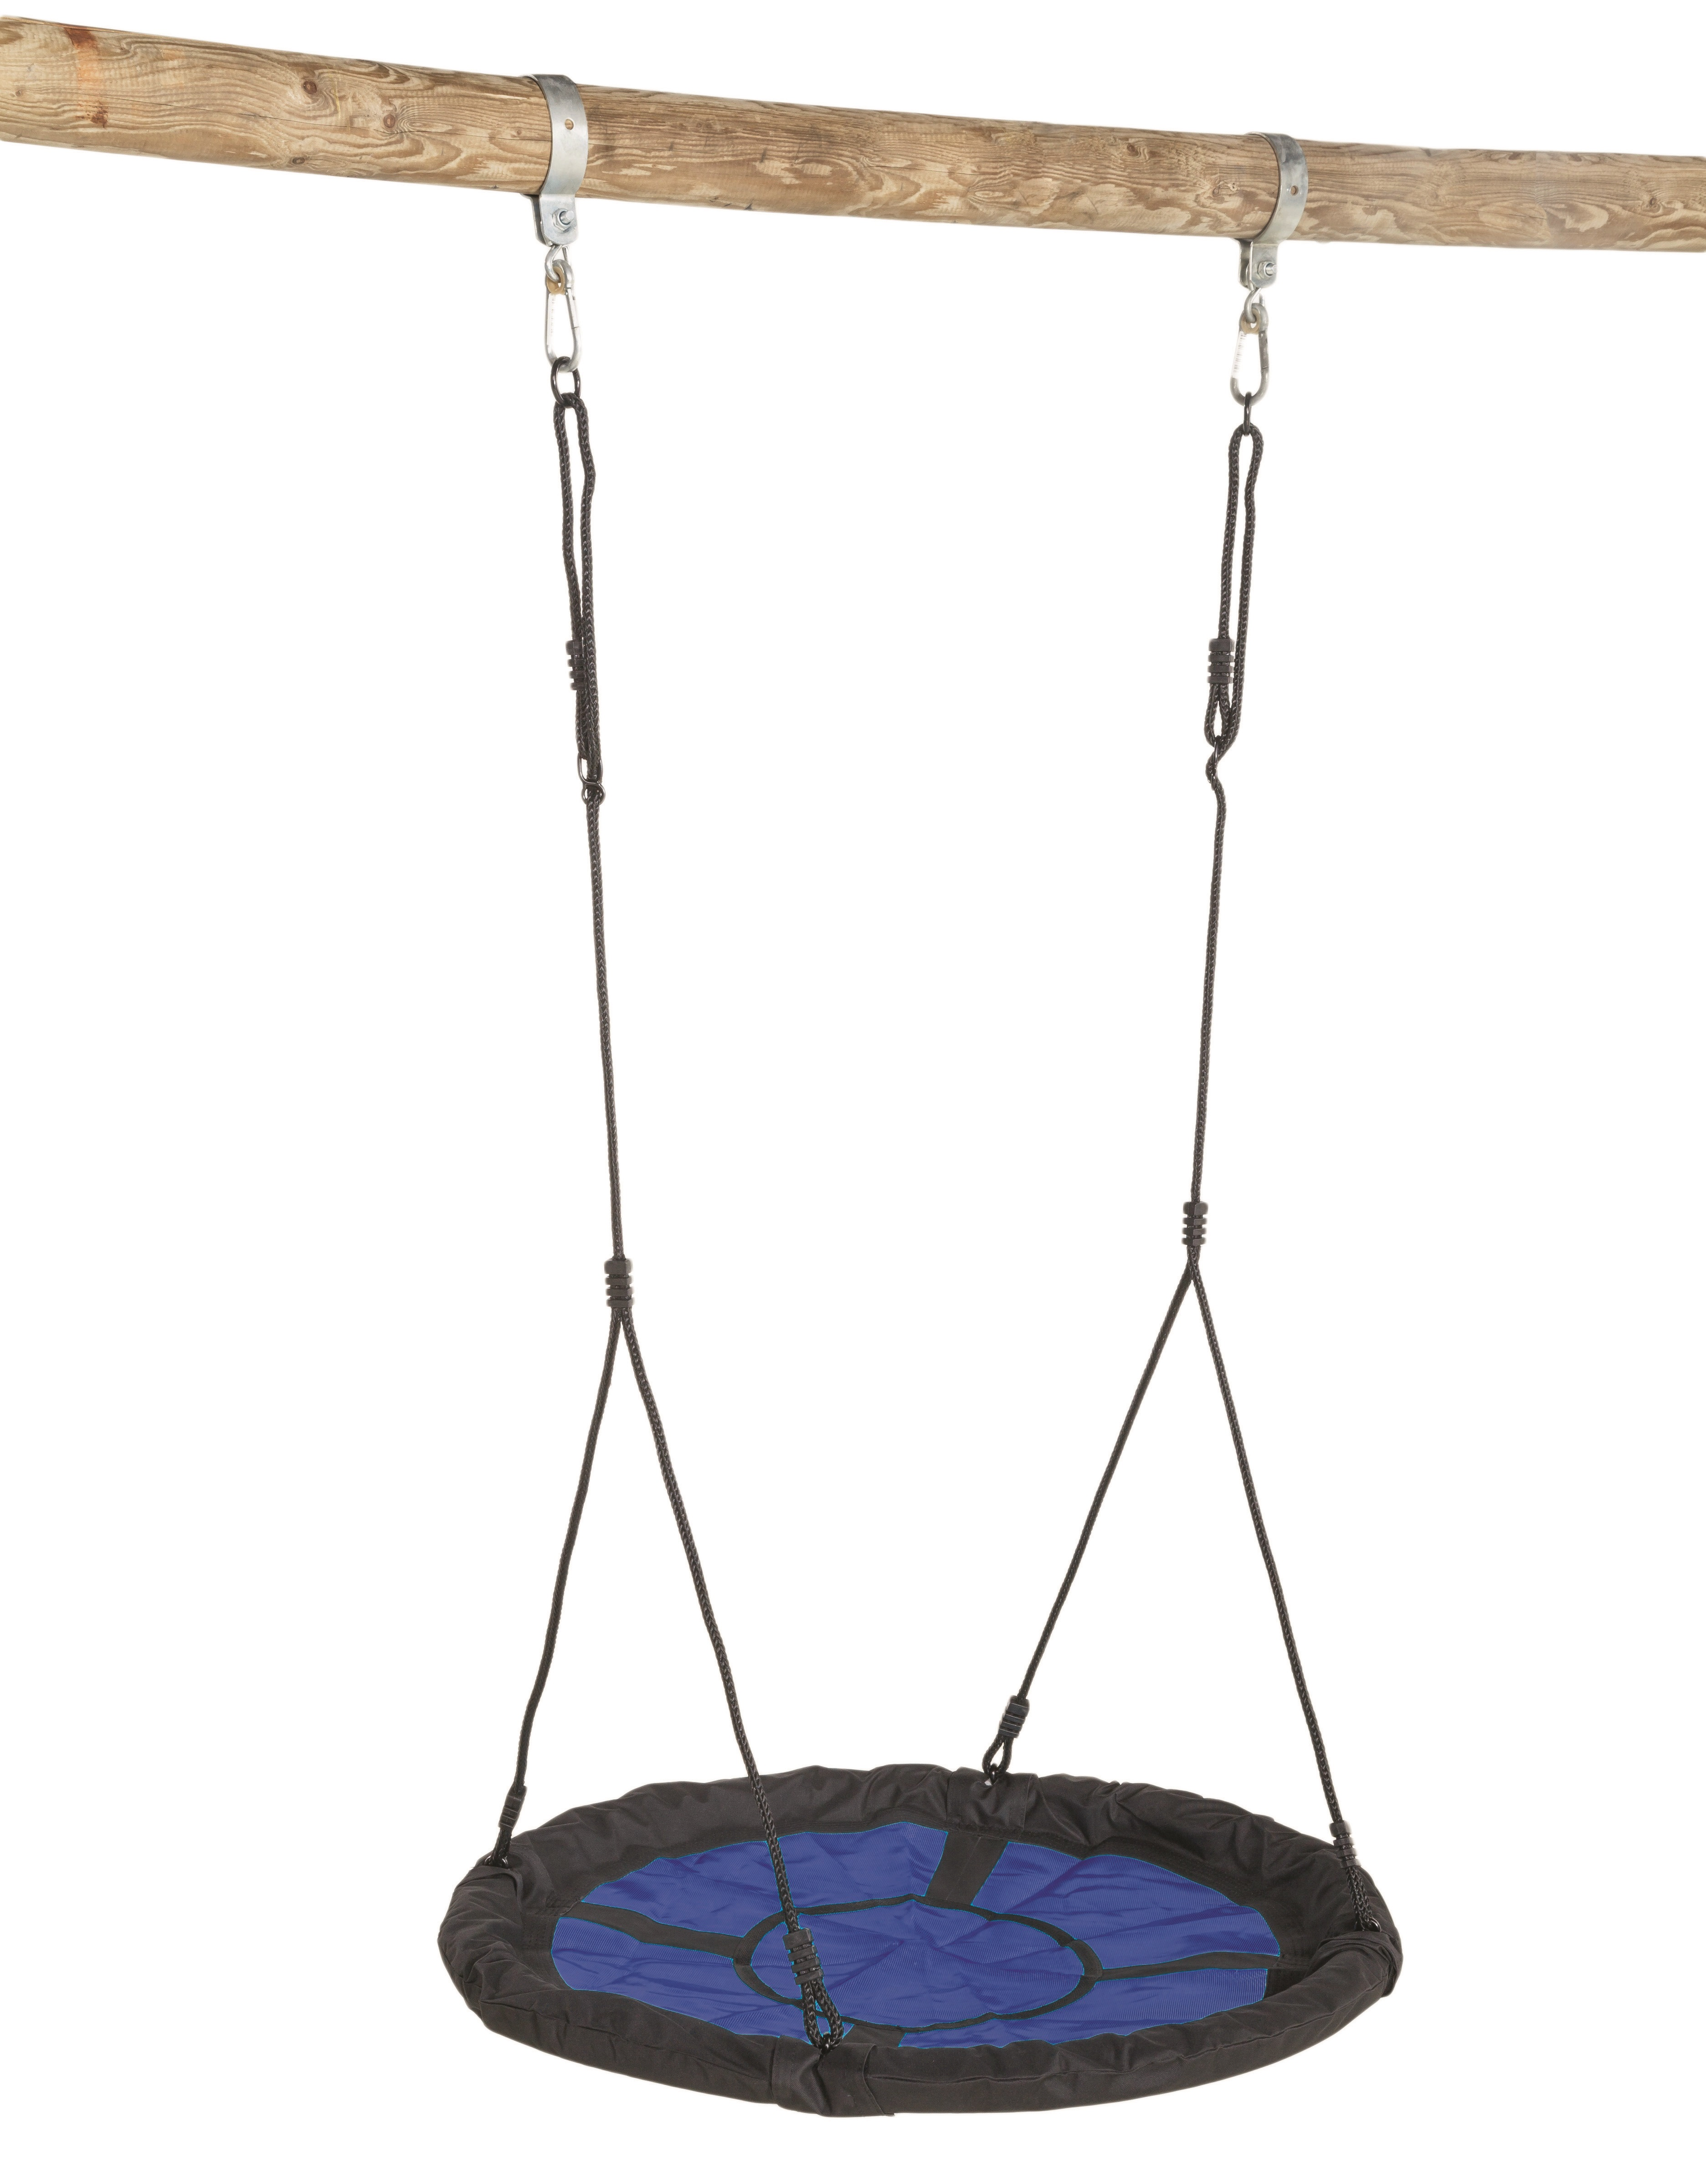 Blau Rabbit Nestschaukel Nestschaukel Nestschaukel Swibee Schaukelsitz Spielturm Zubehör Schaukel 597b7b